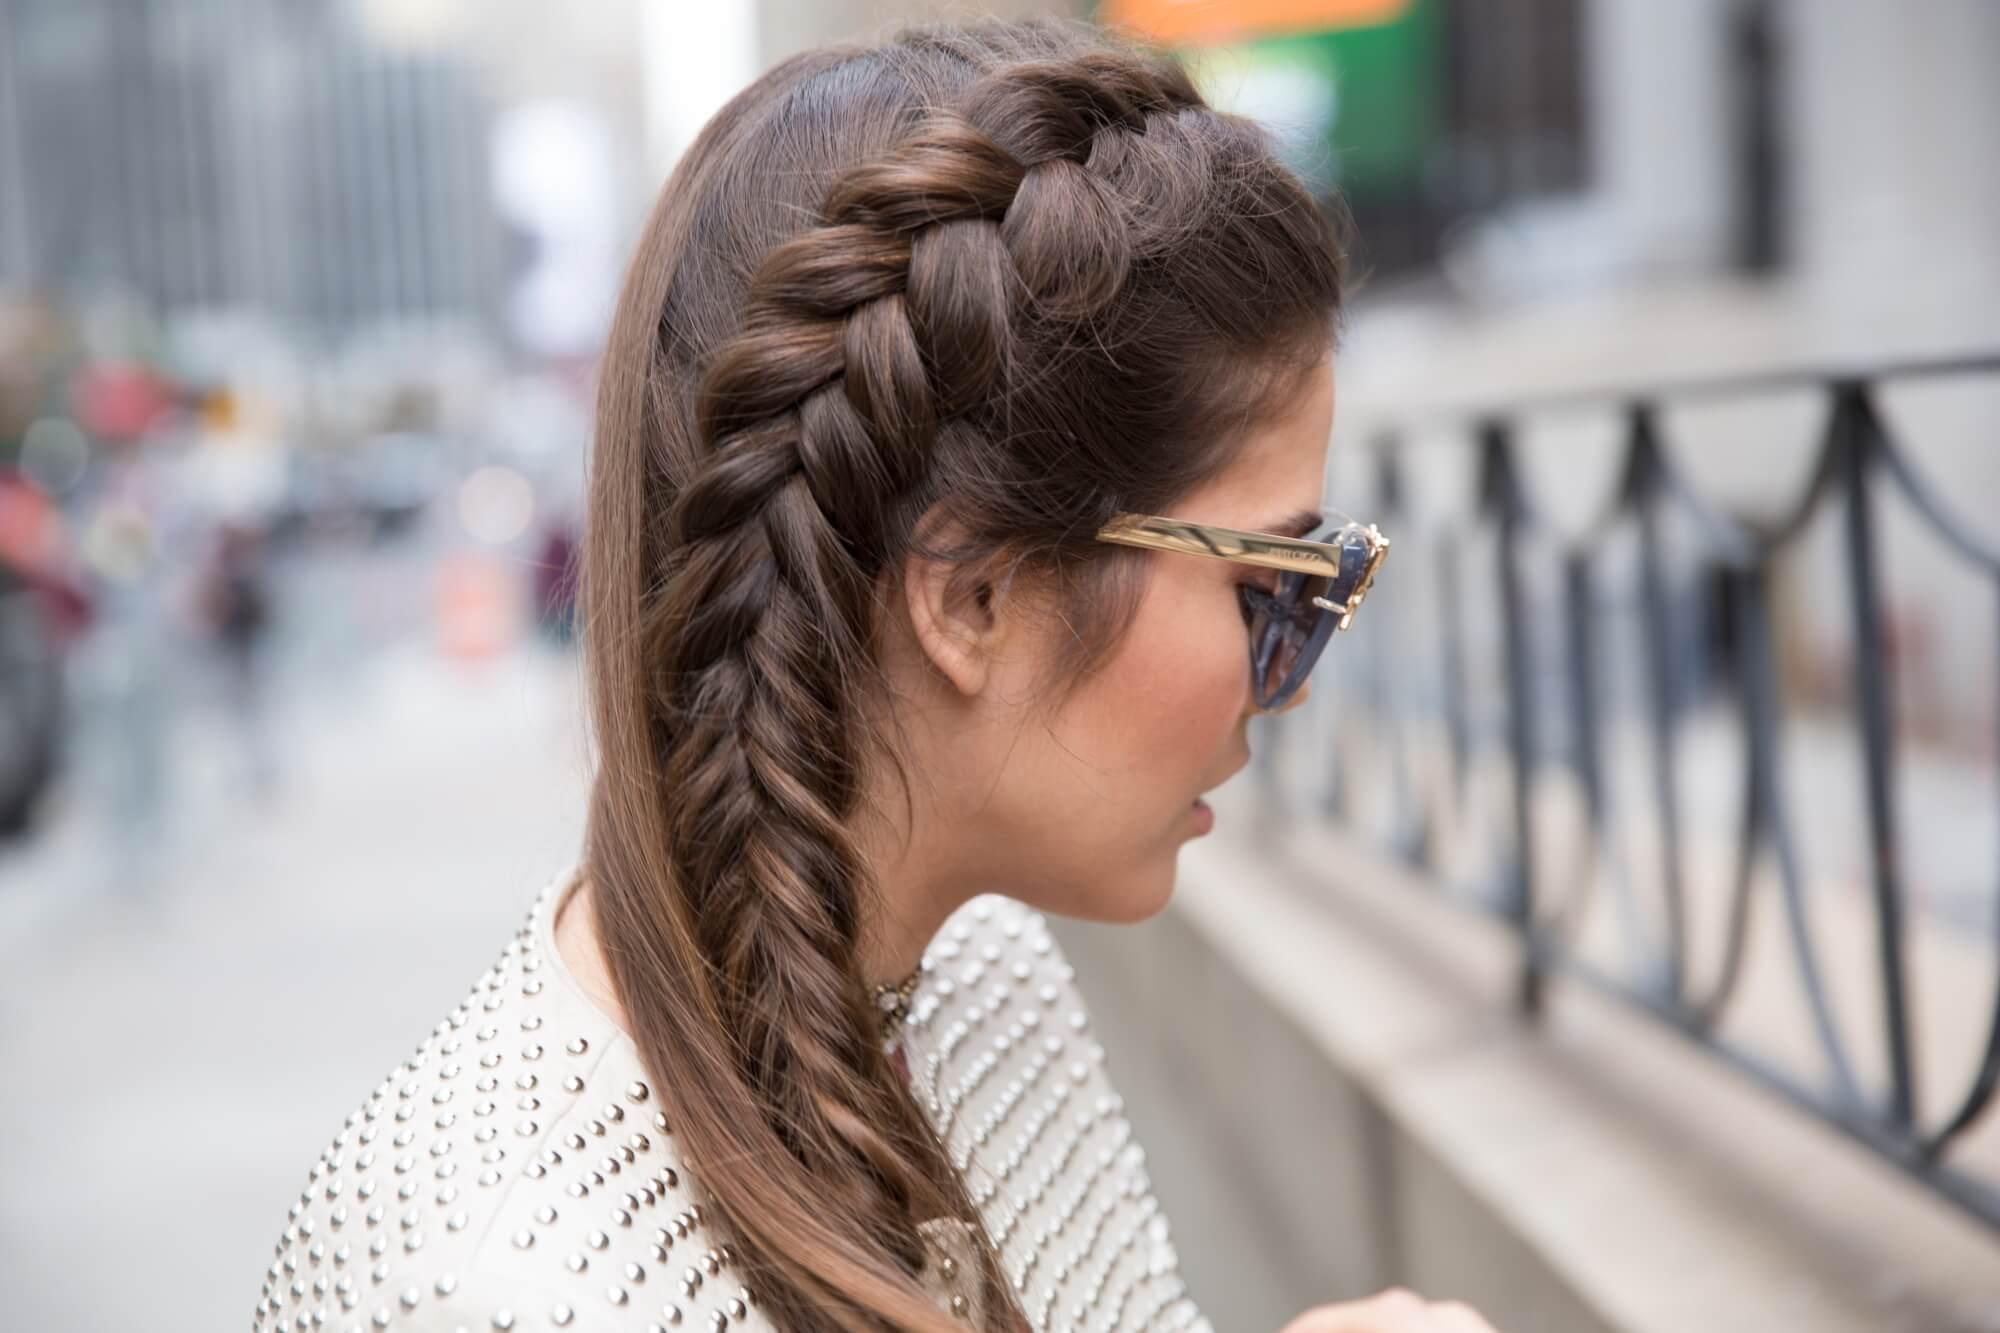 cute spring break hair looks: side braid half-updo